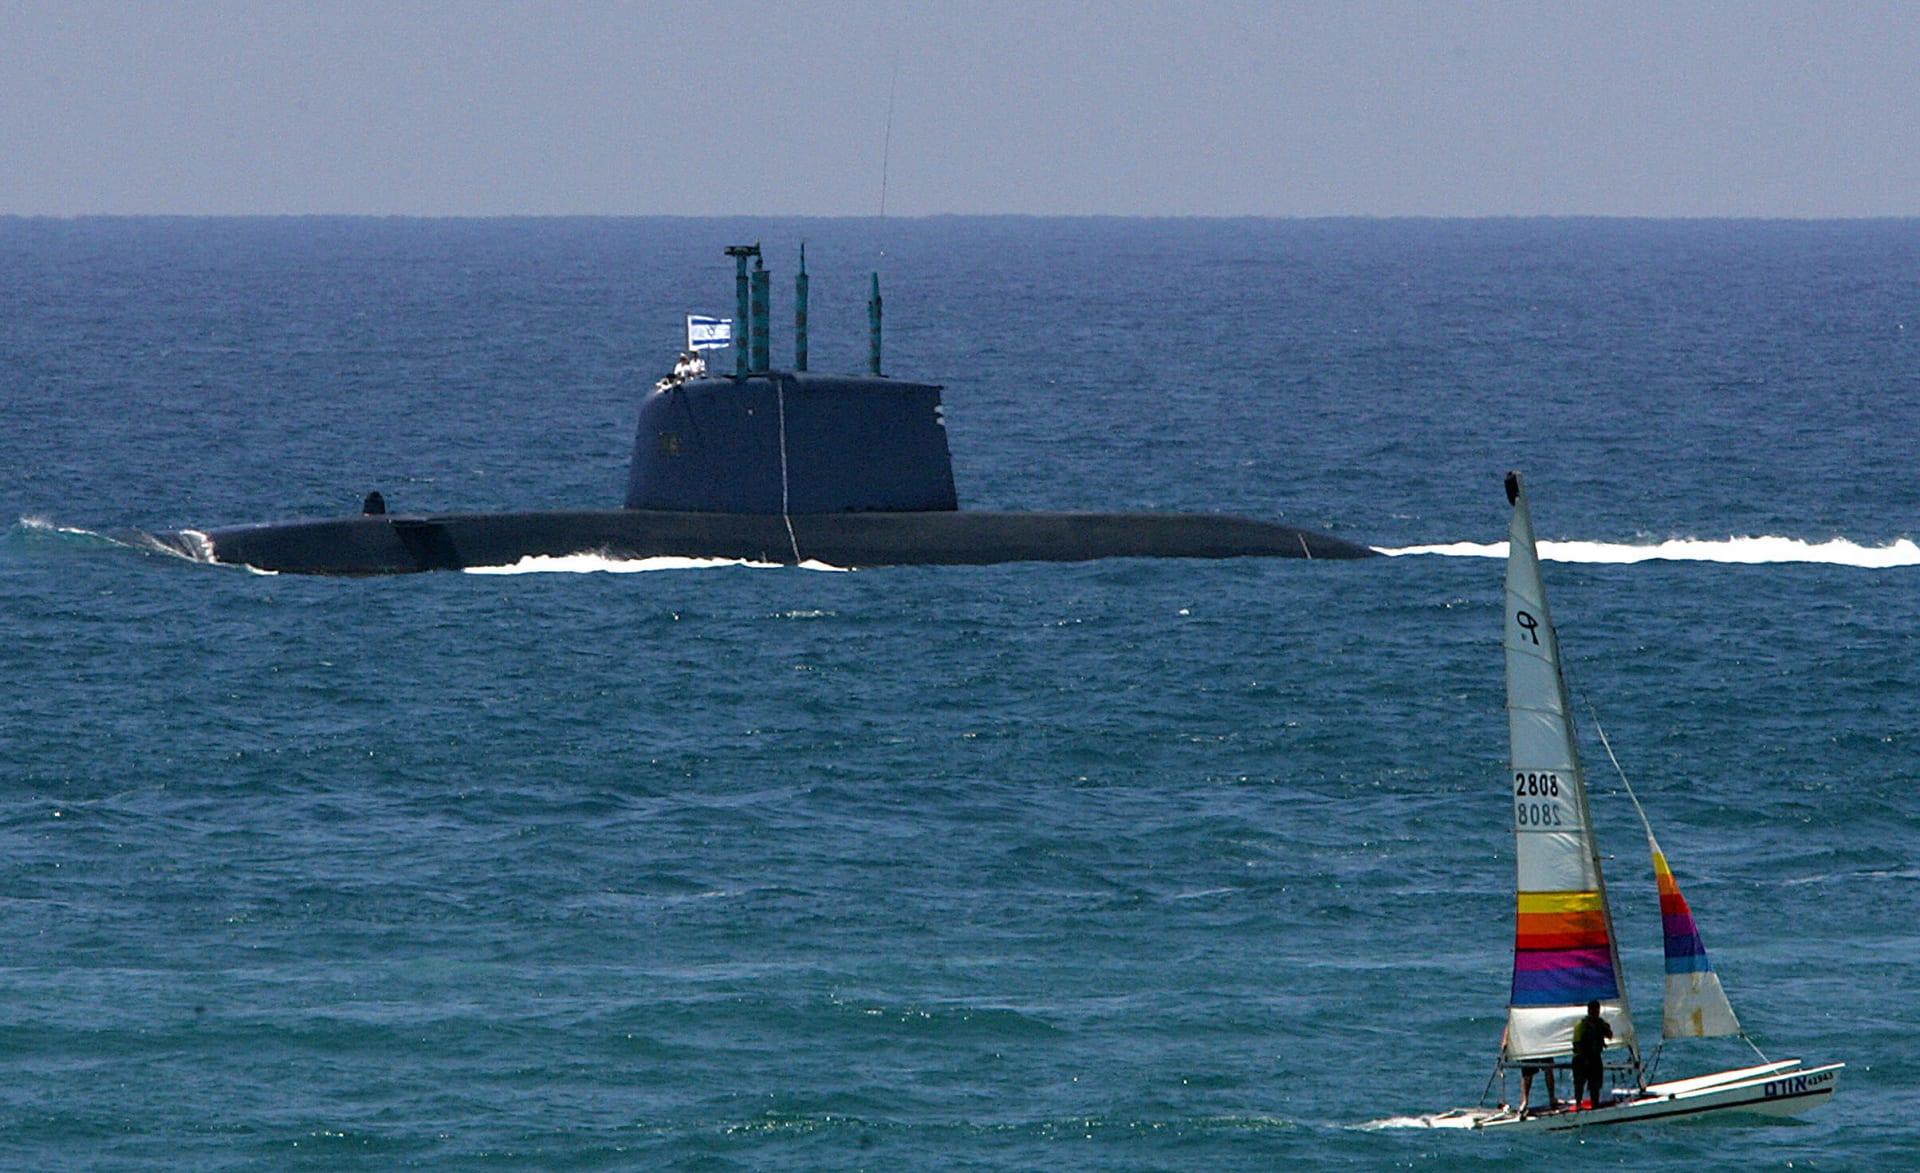 """غواصة """"دولفين"""" للجيش الإسرائيلي في البحر الأبيض المتوسط، 8 مايو 2008"""